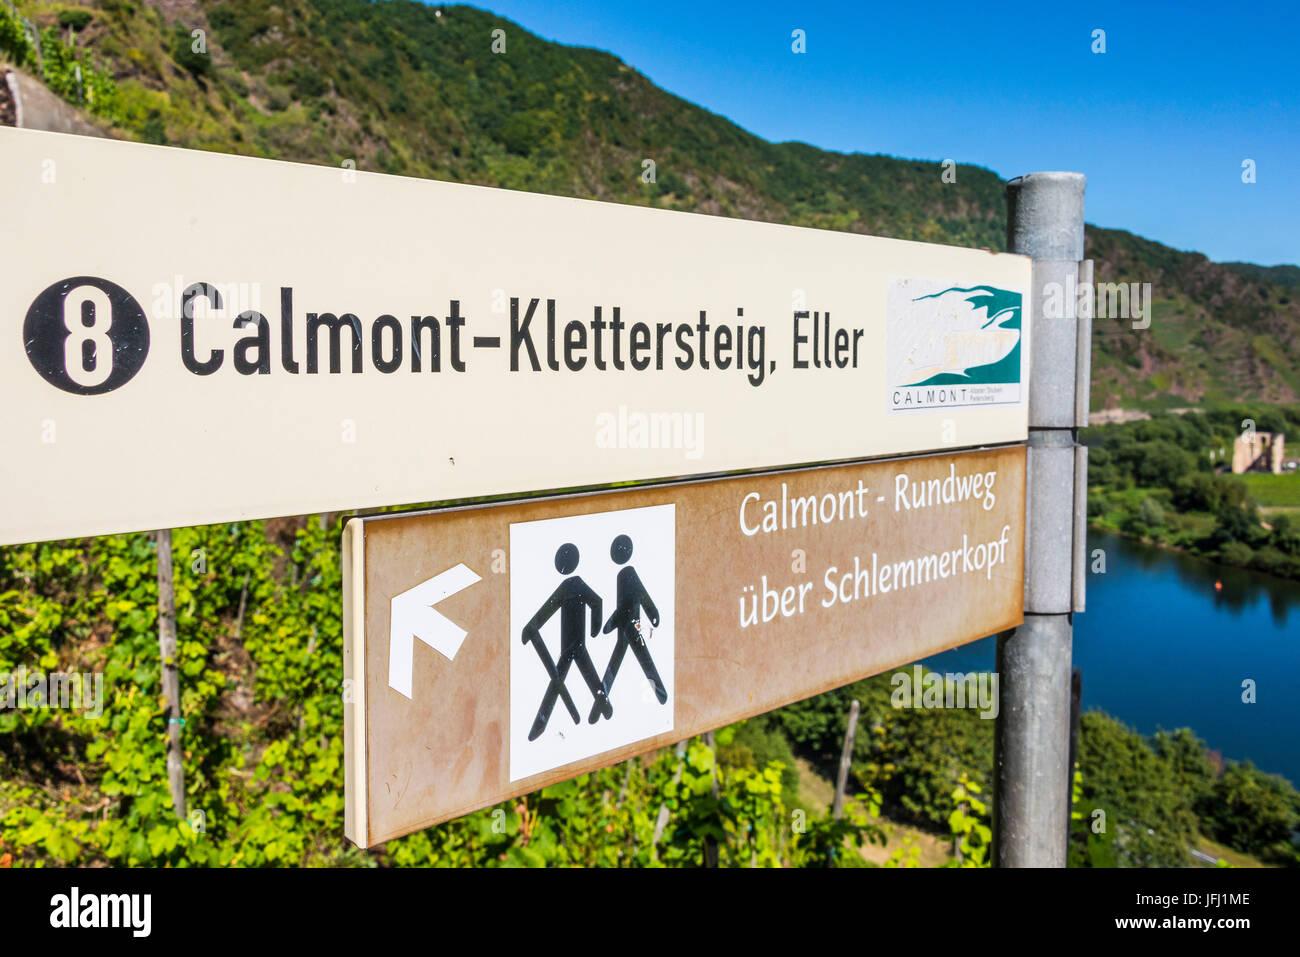 Klettersteig Pfalz : Europa deutschland rheinland pfalz landkreis cochem zell mosel